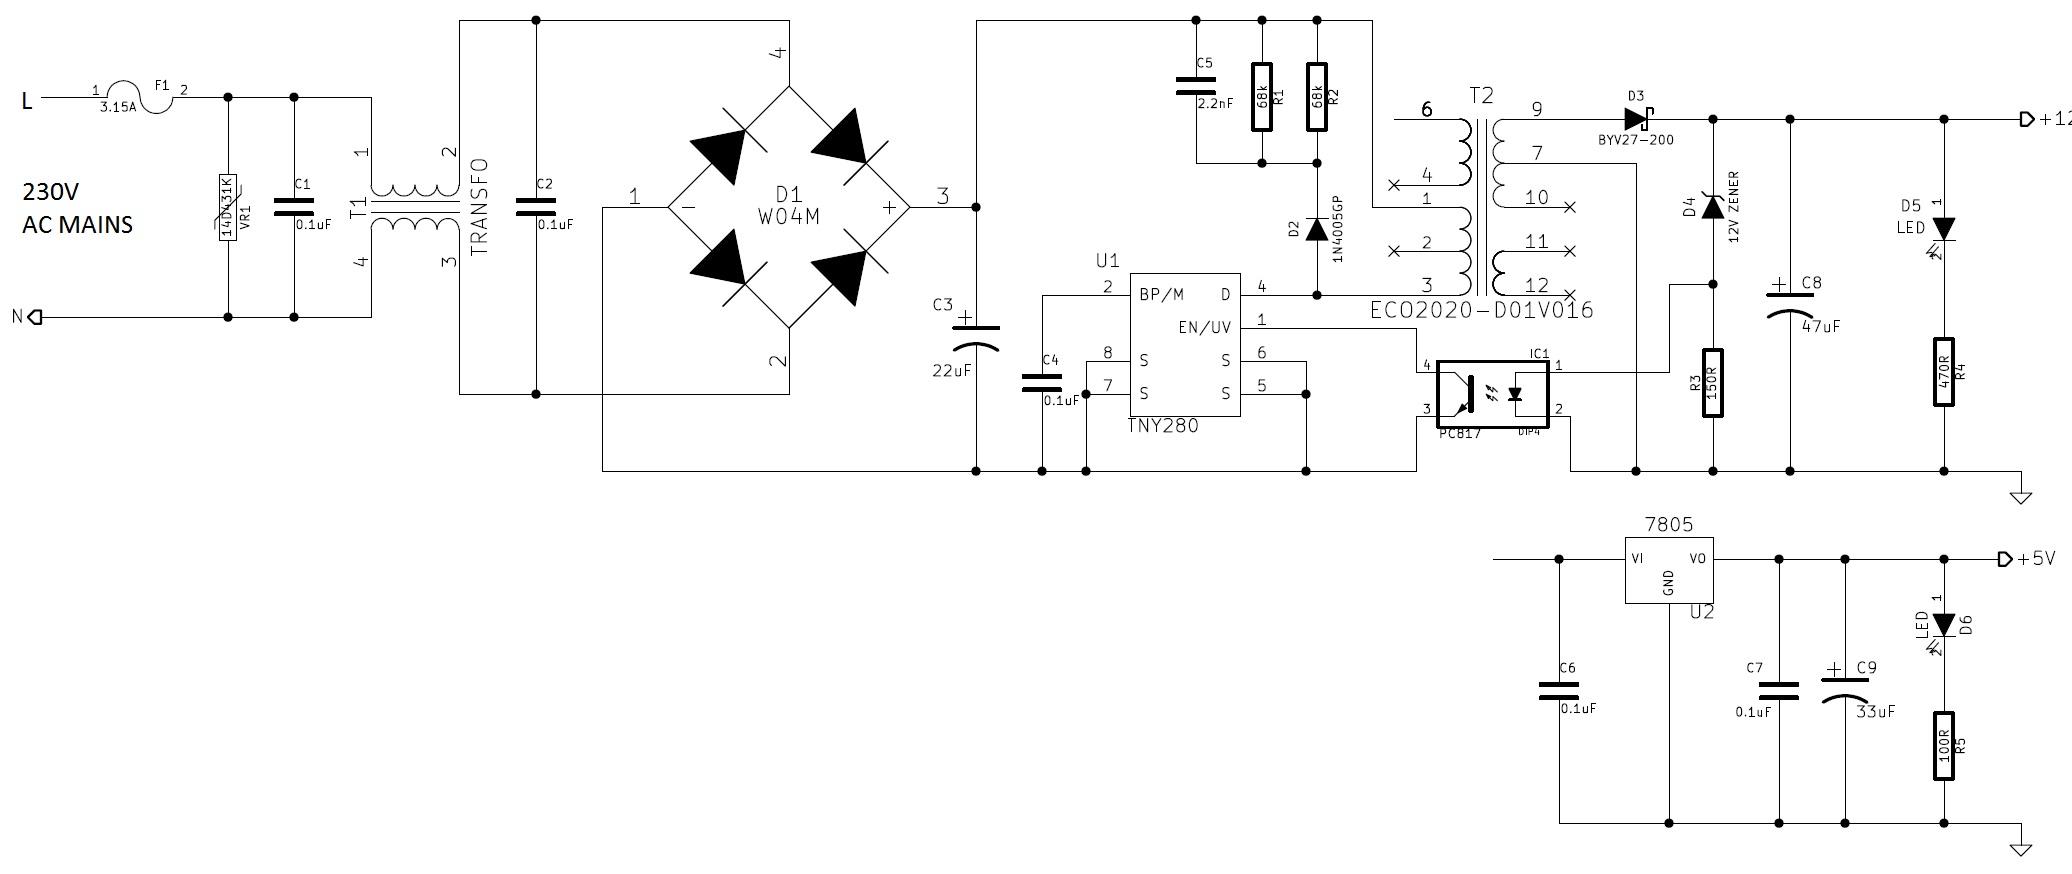 Power Engineering Schematics